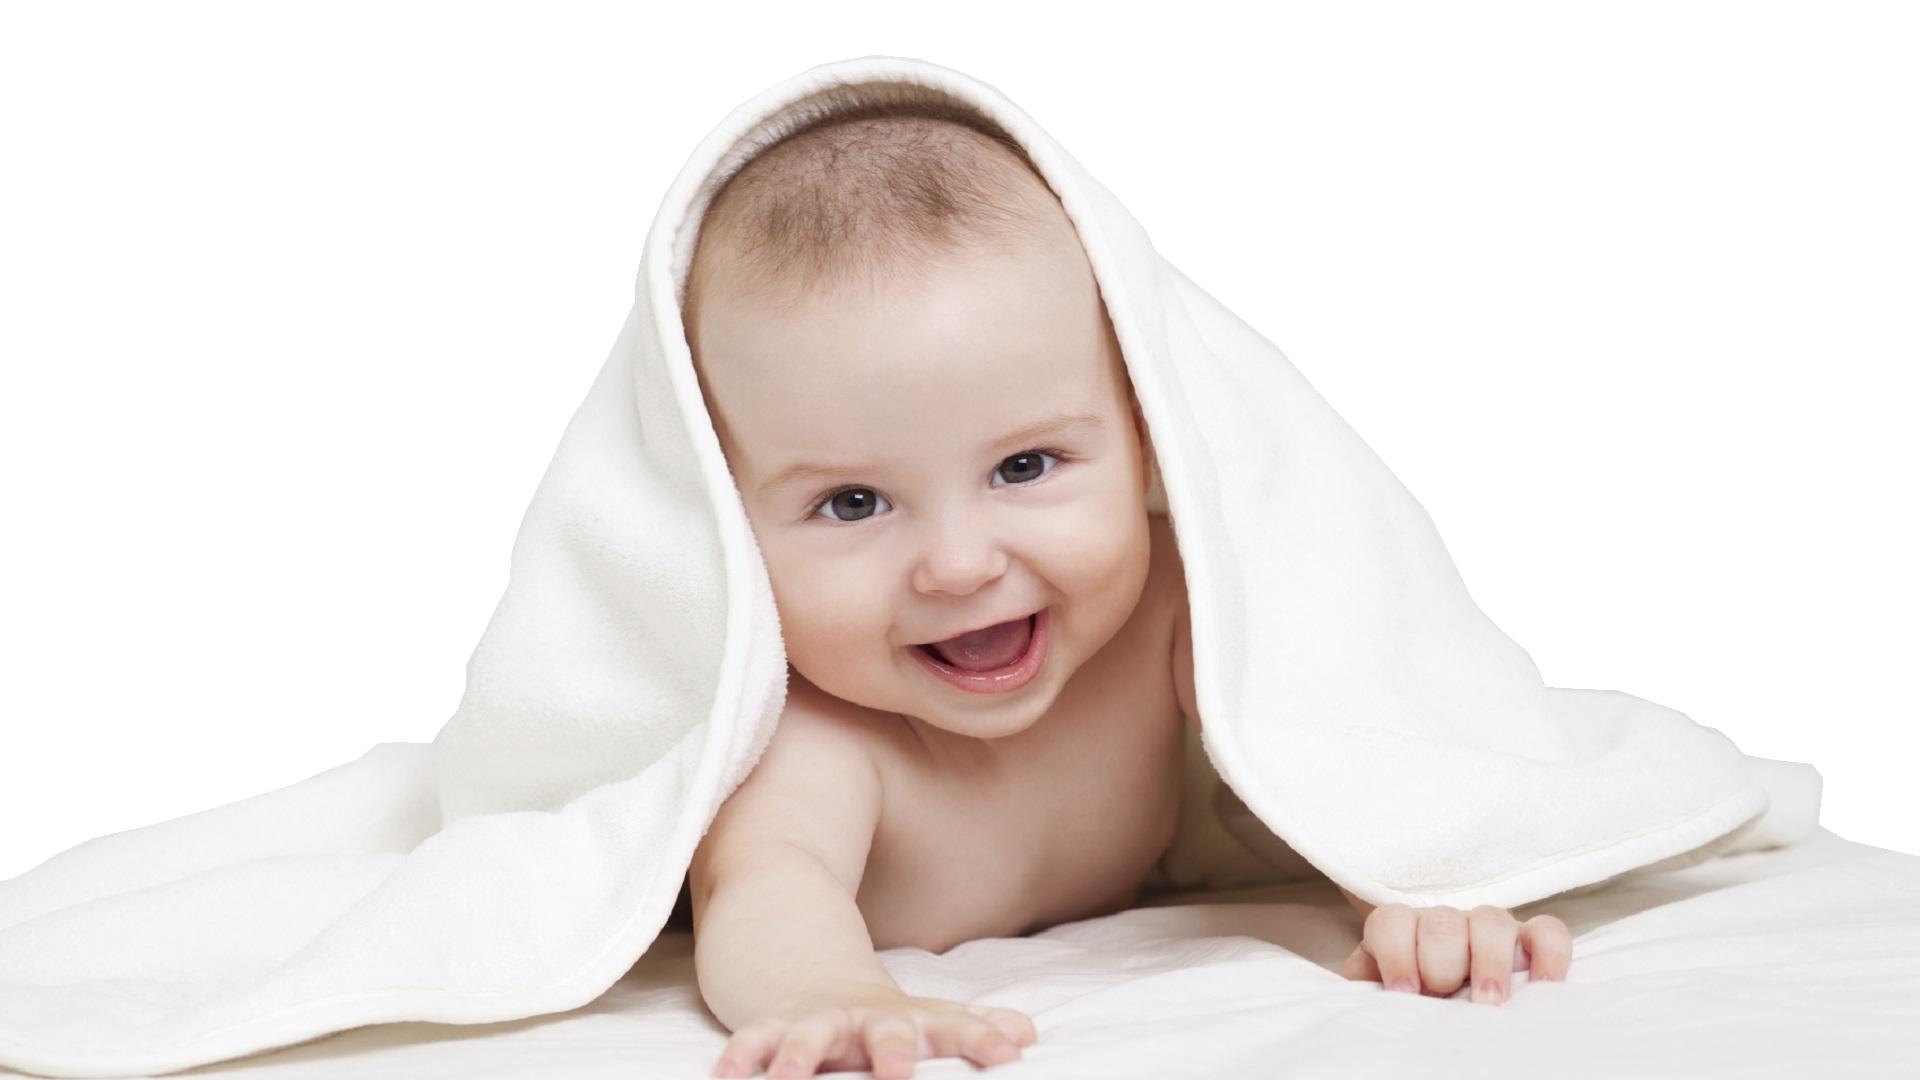 Baby White Background Image